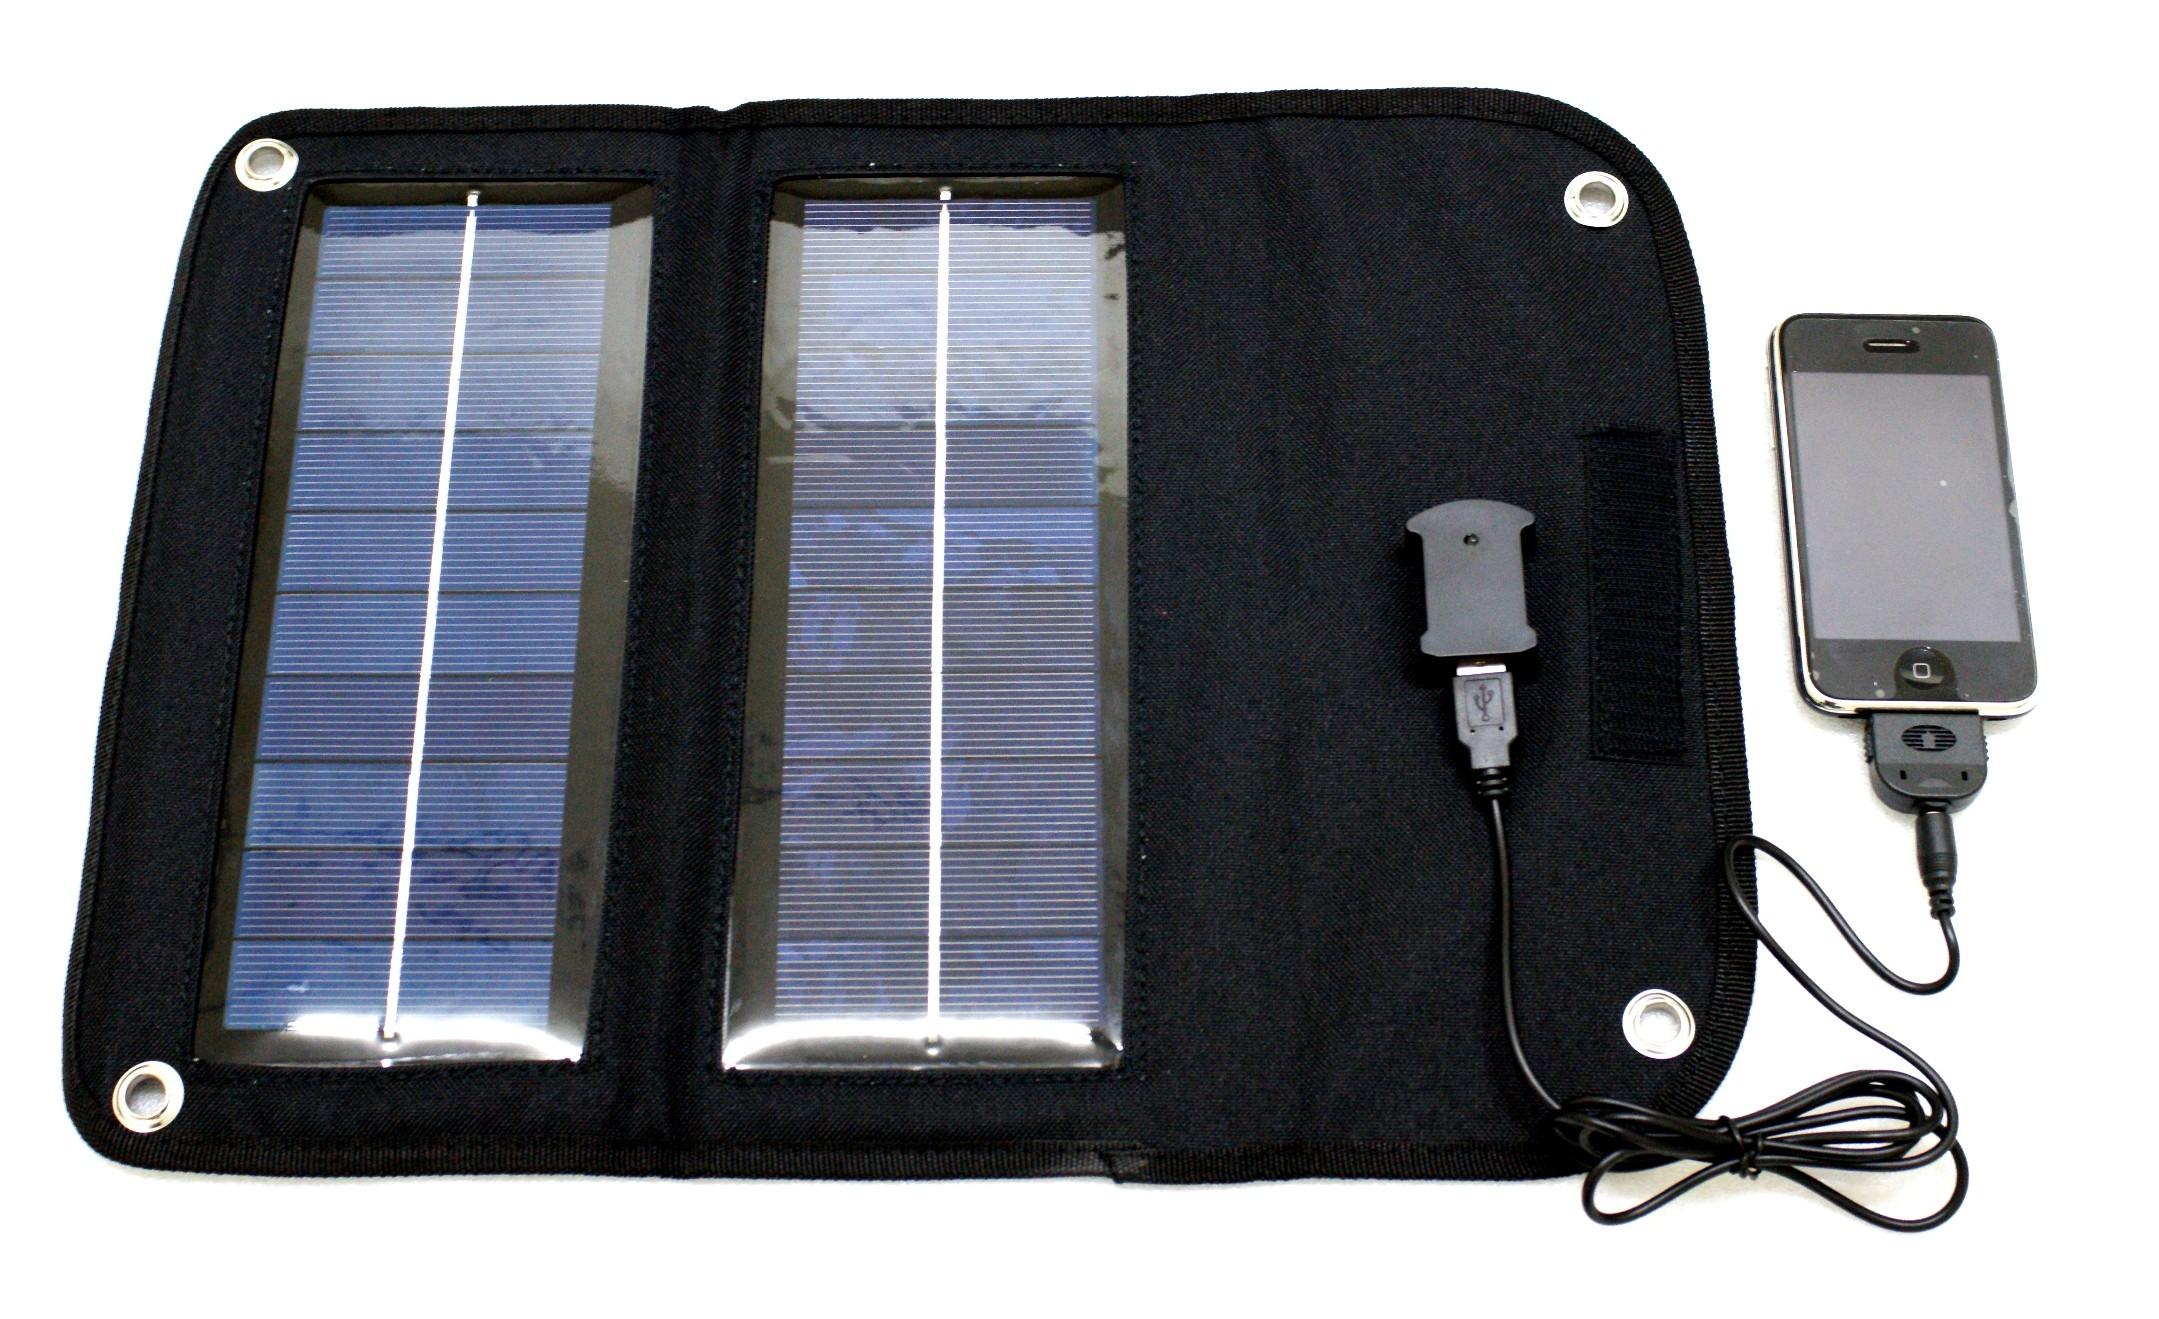 Solární nabíječka Coelsol Sol Catcher SC5 5W Barva: černá